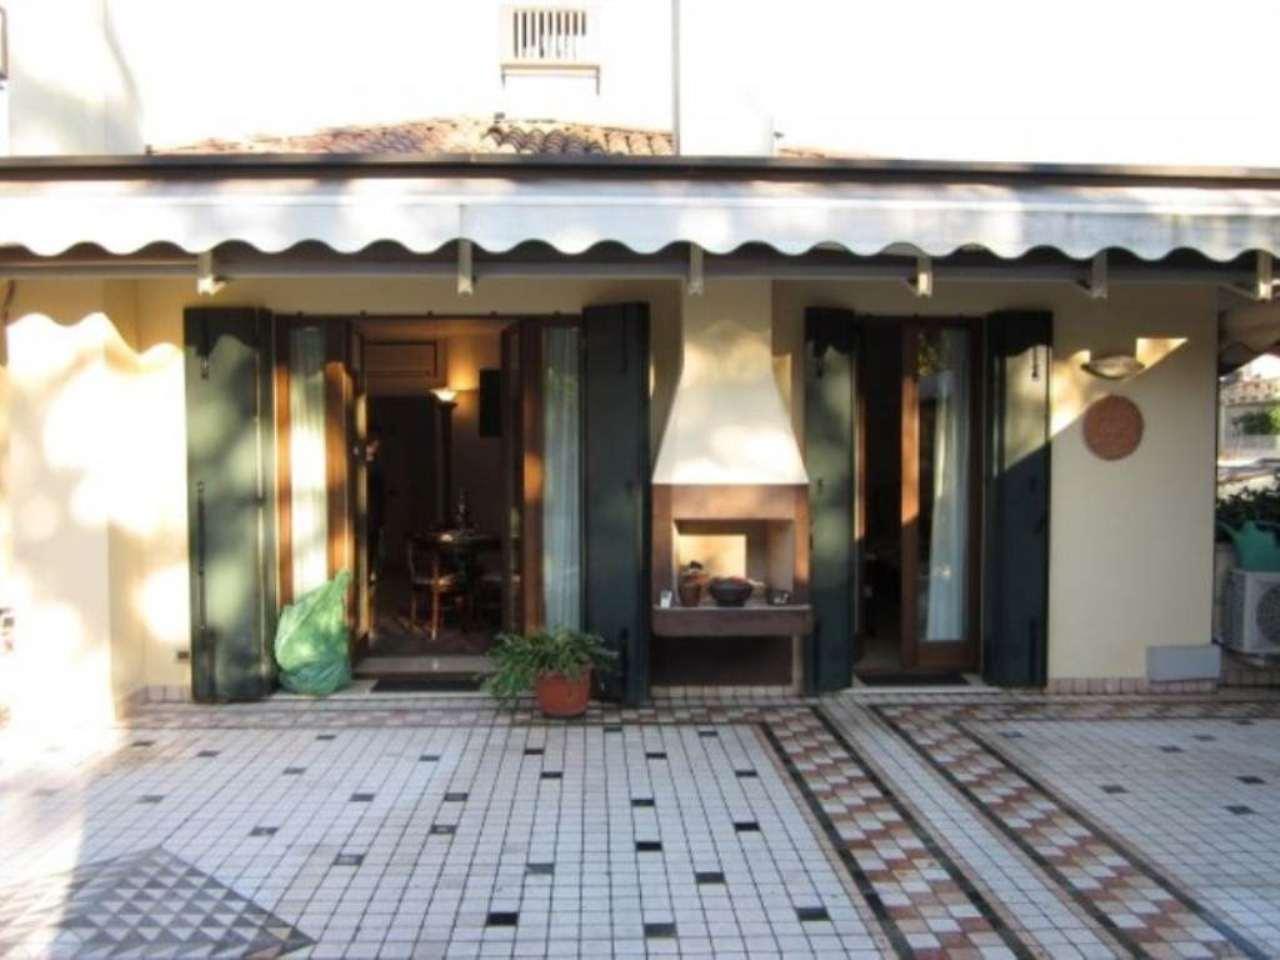 Attico / Mansarda in vendita a Treviso, 6 locali, Trattative riservate | Cambio Casa.it